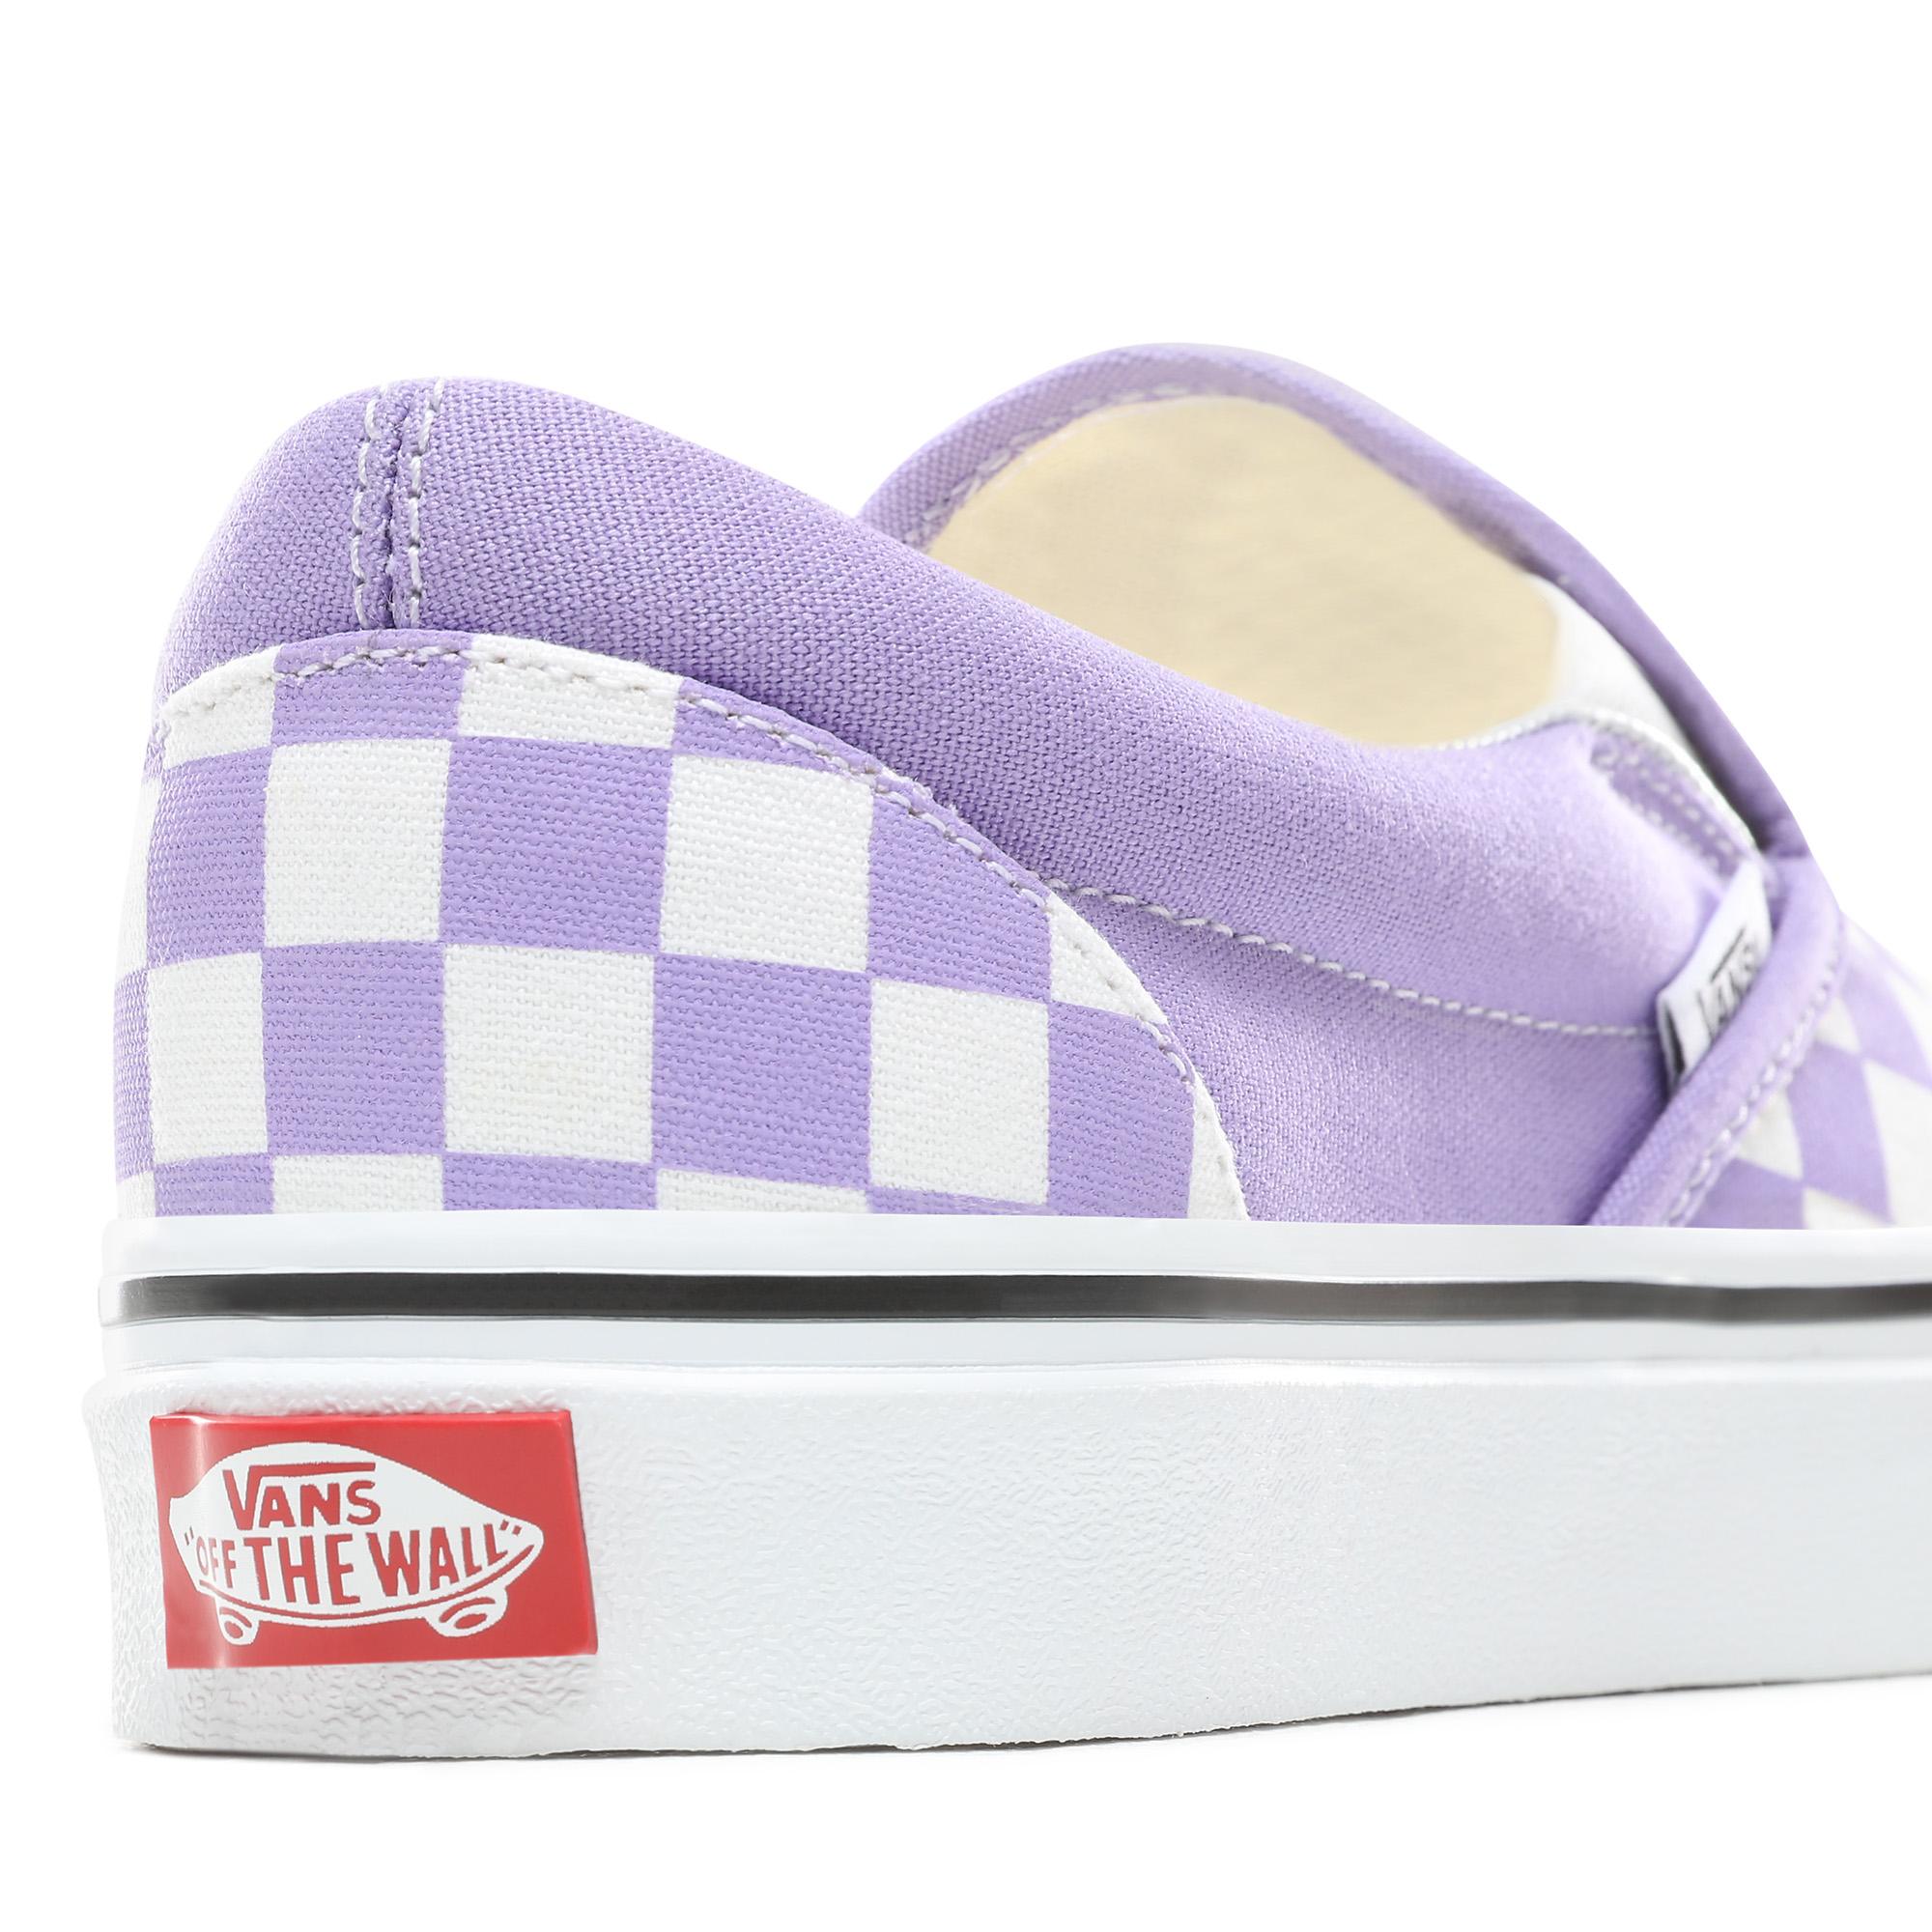 Фото 6 - Кеды Classic Slip-On фиолетового цвета